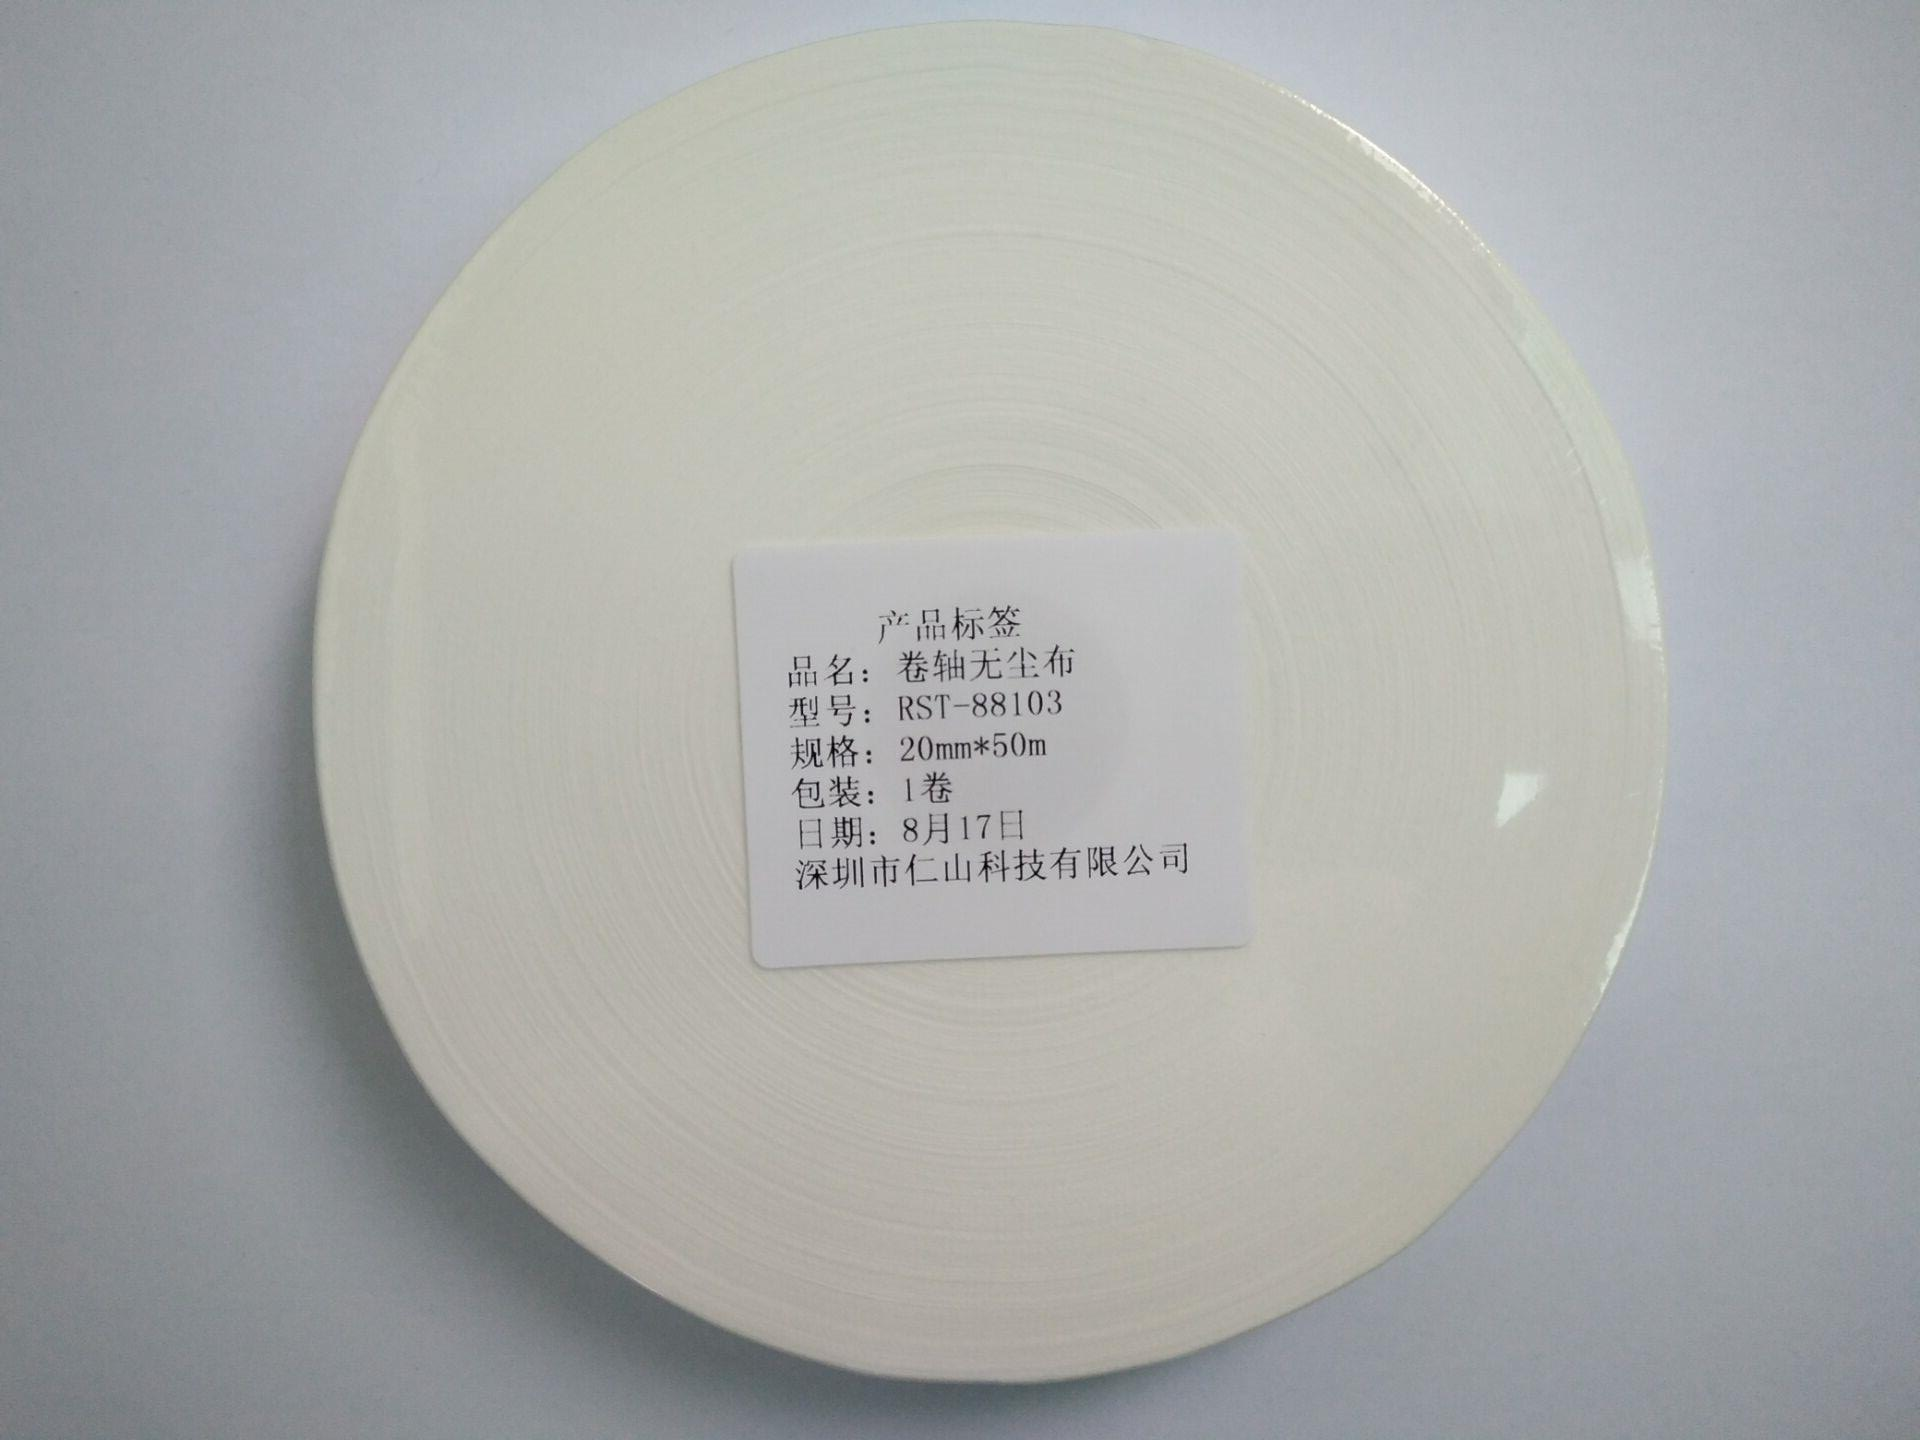 仁山 RST-88103